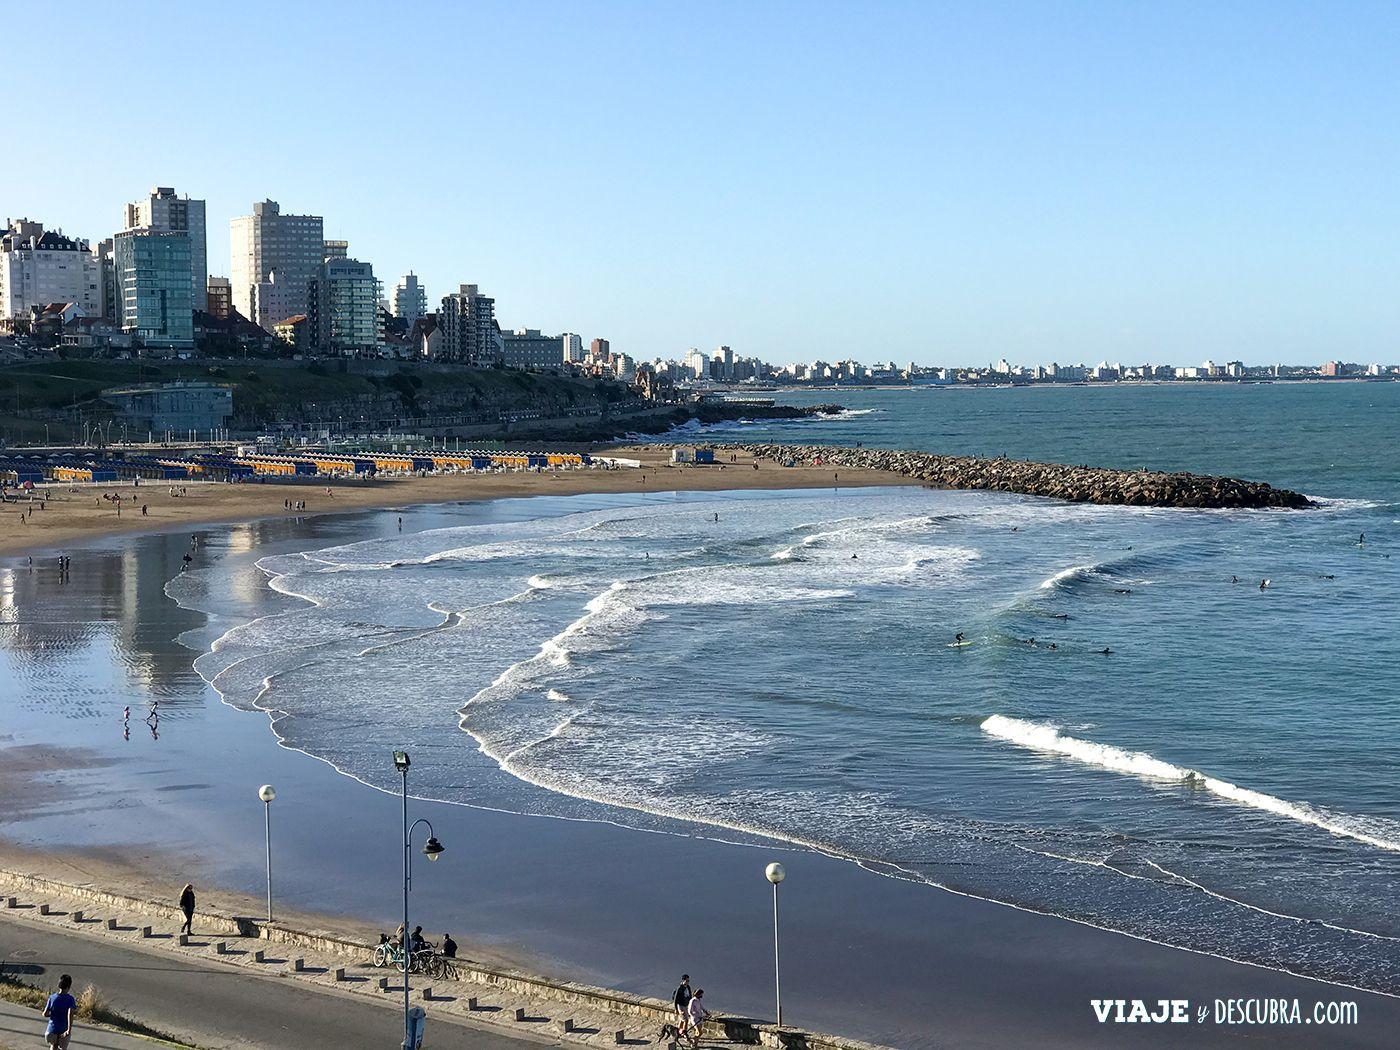 playa-varese,-mar-del-plata,-argentina